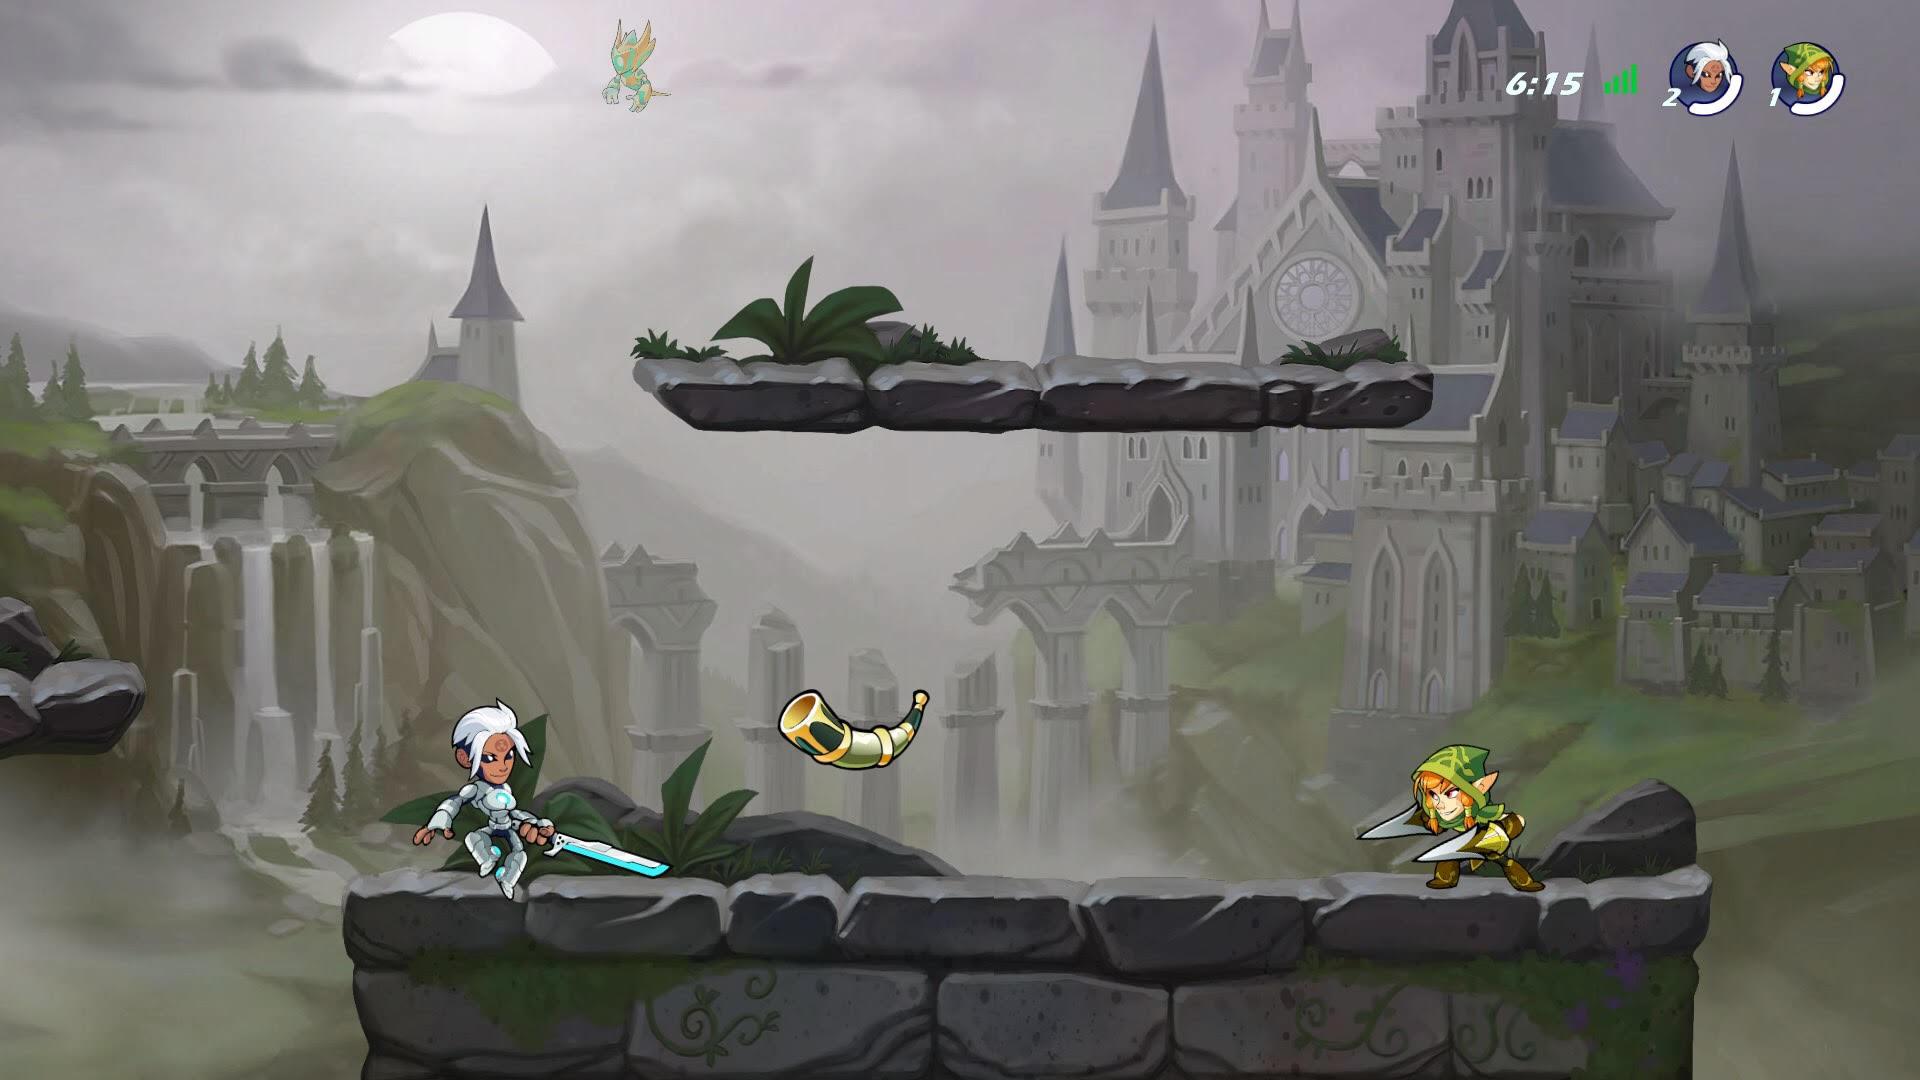 ما تحتاج لمعرفته حول Brawhalla ، البديل Super Smash Bros. يمكنك اللعب مجانًا 2